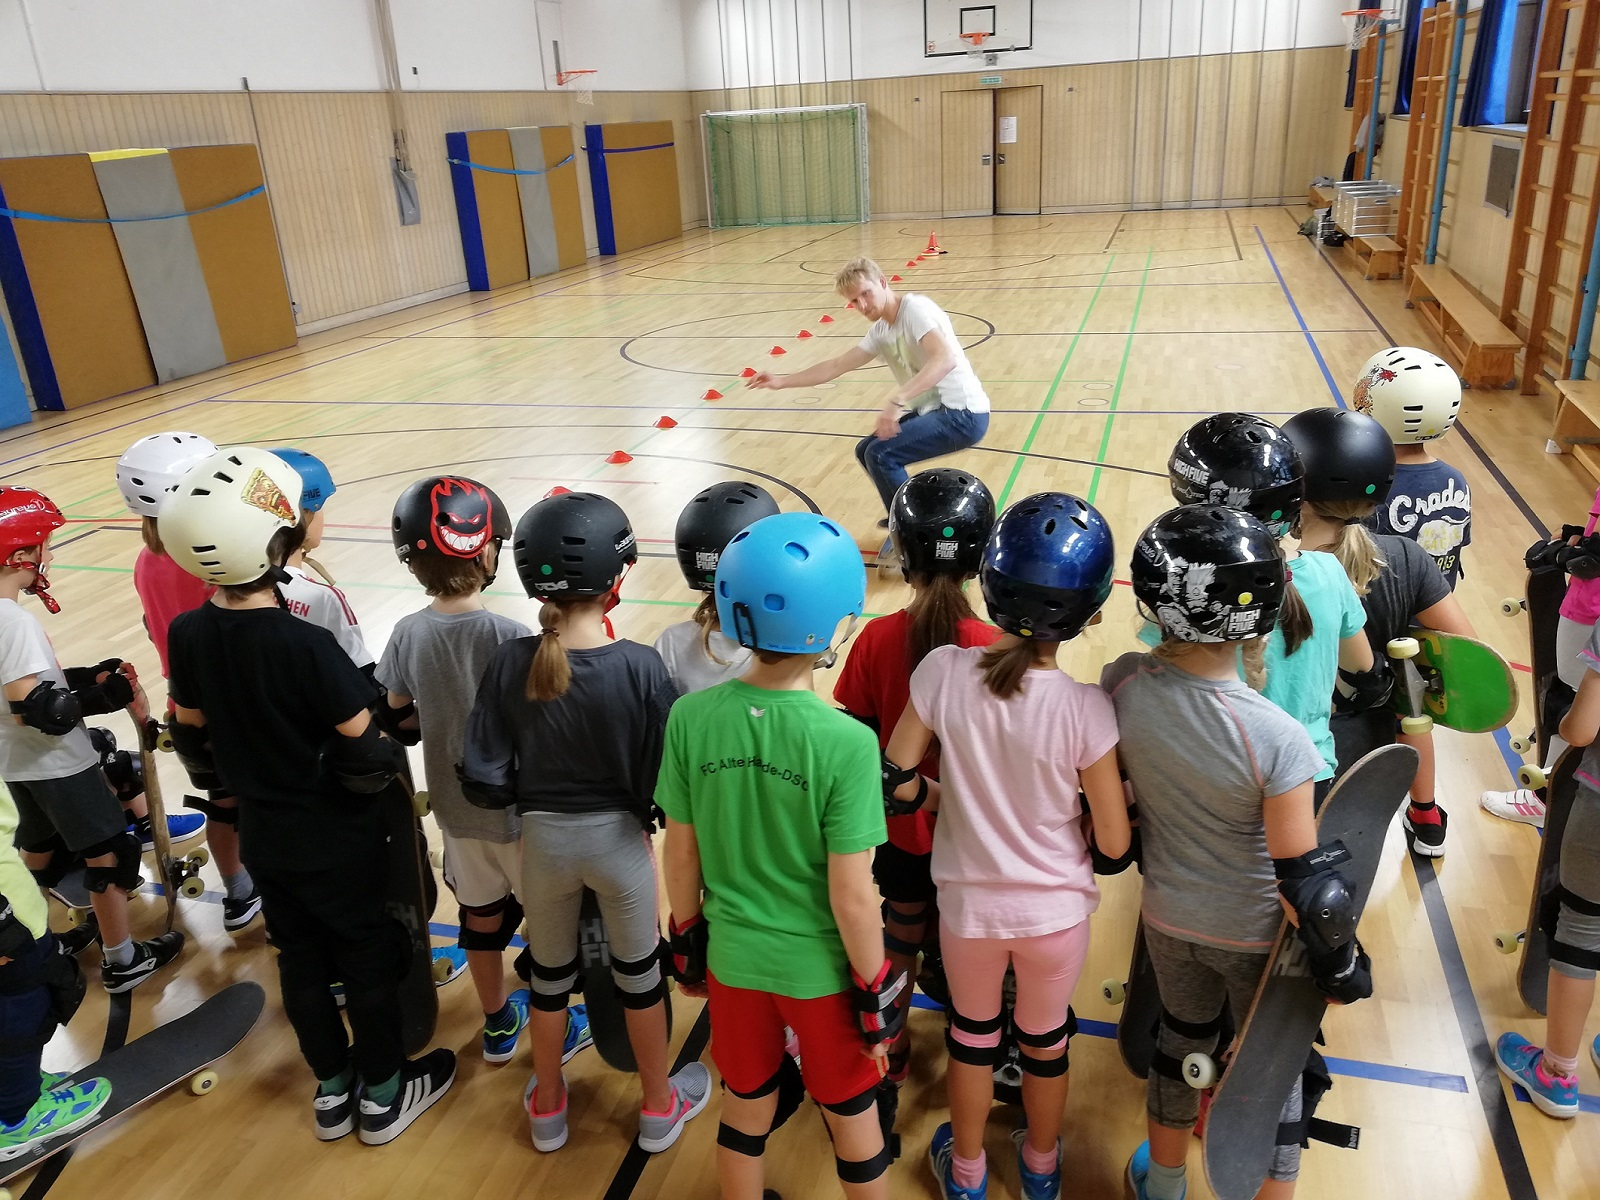 Jugendgruppe beobachtet ihren Trainer beim Vorführen der Übung